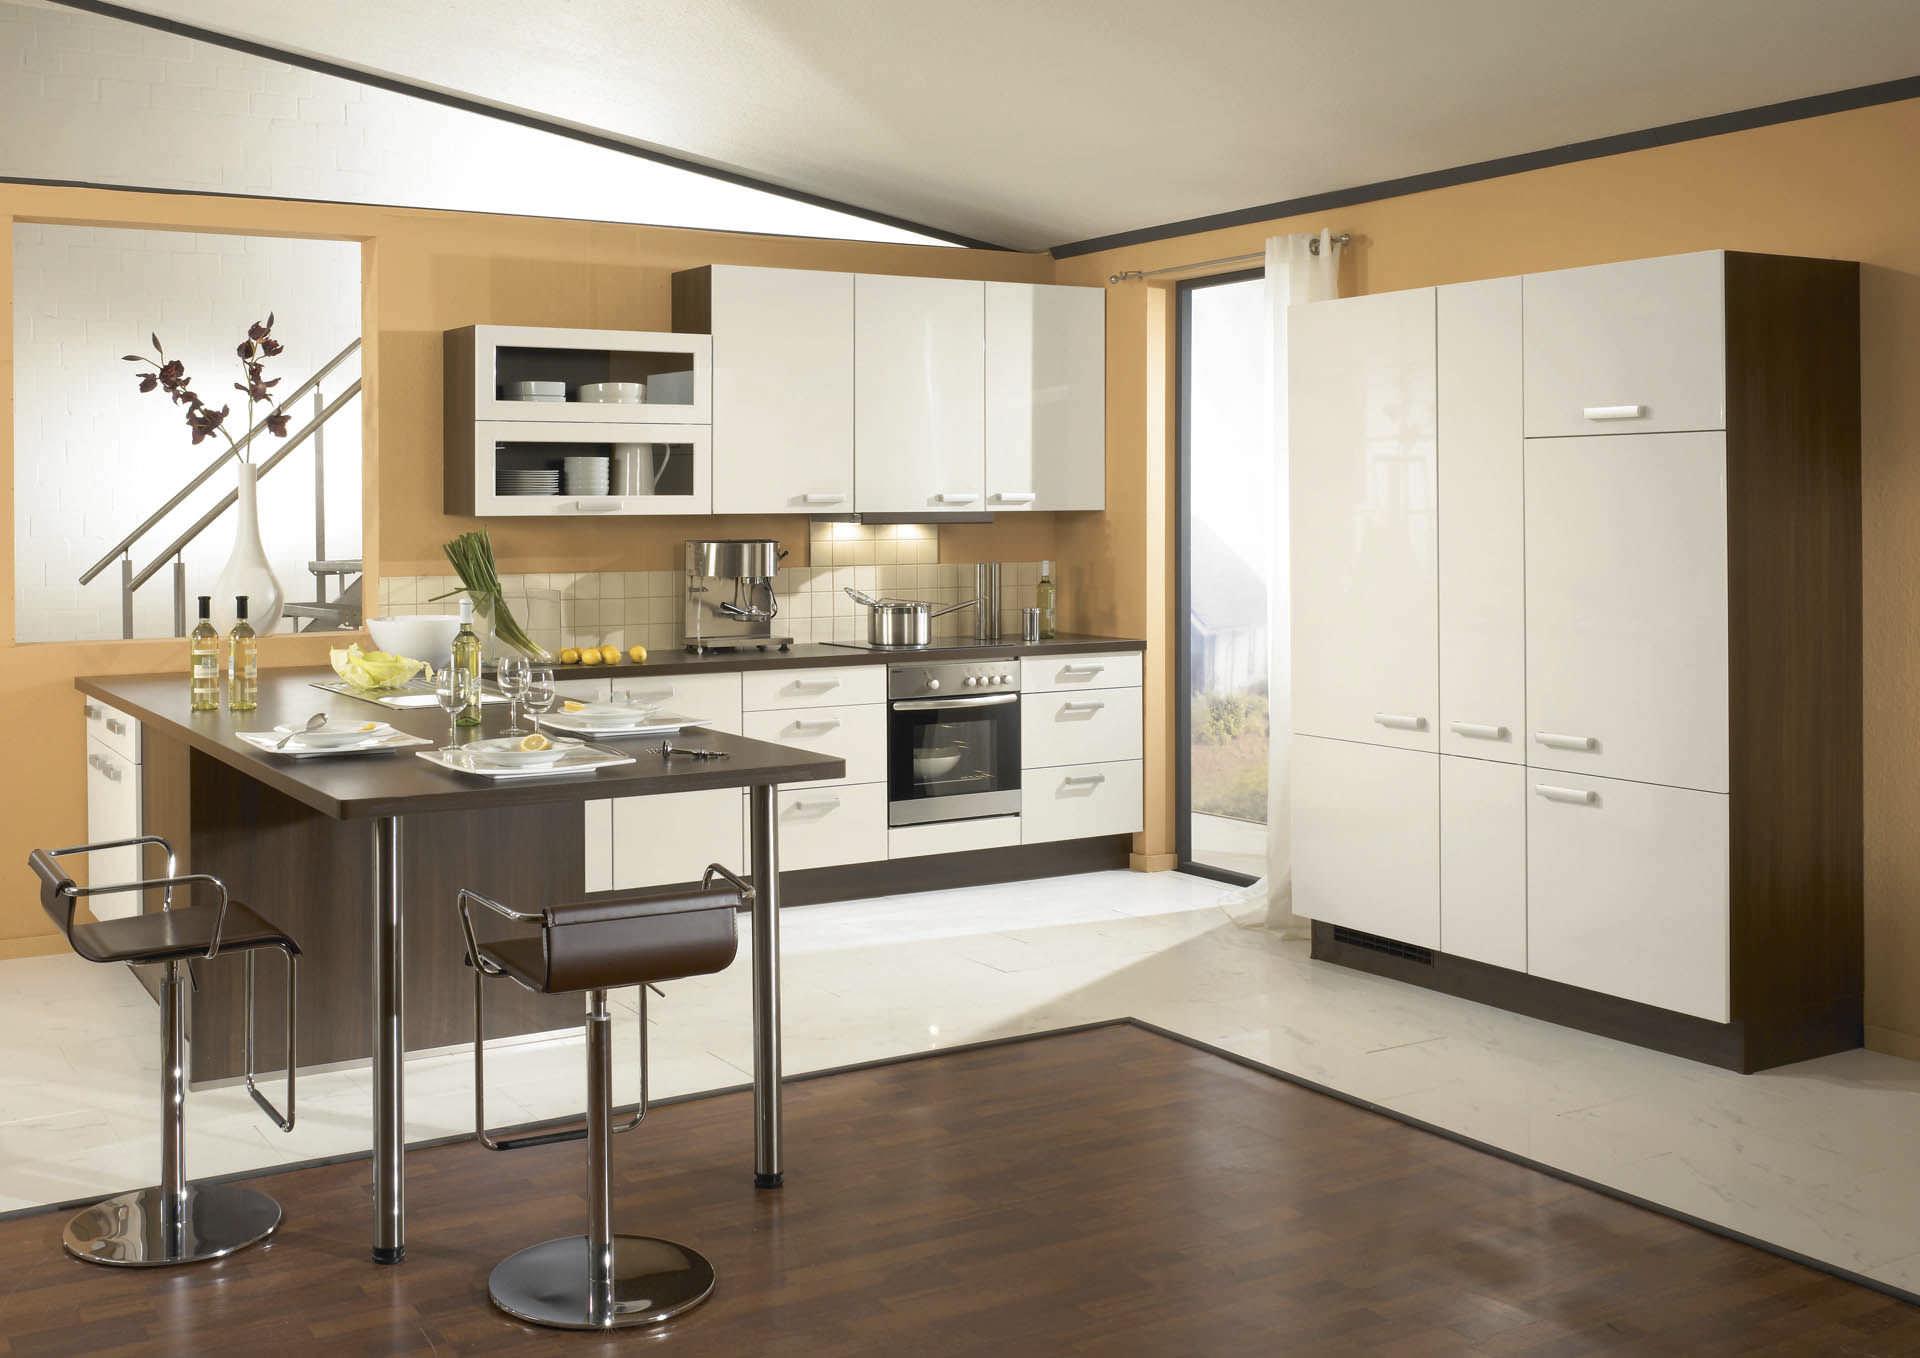 Moderne Küche / Holzfurnier / lackiert / mit Griffen - PRIMO 704 ...